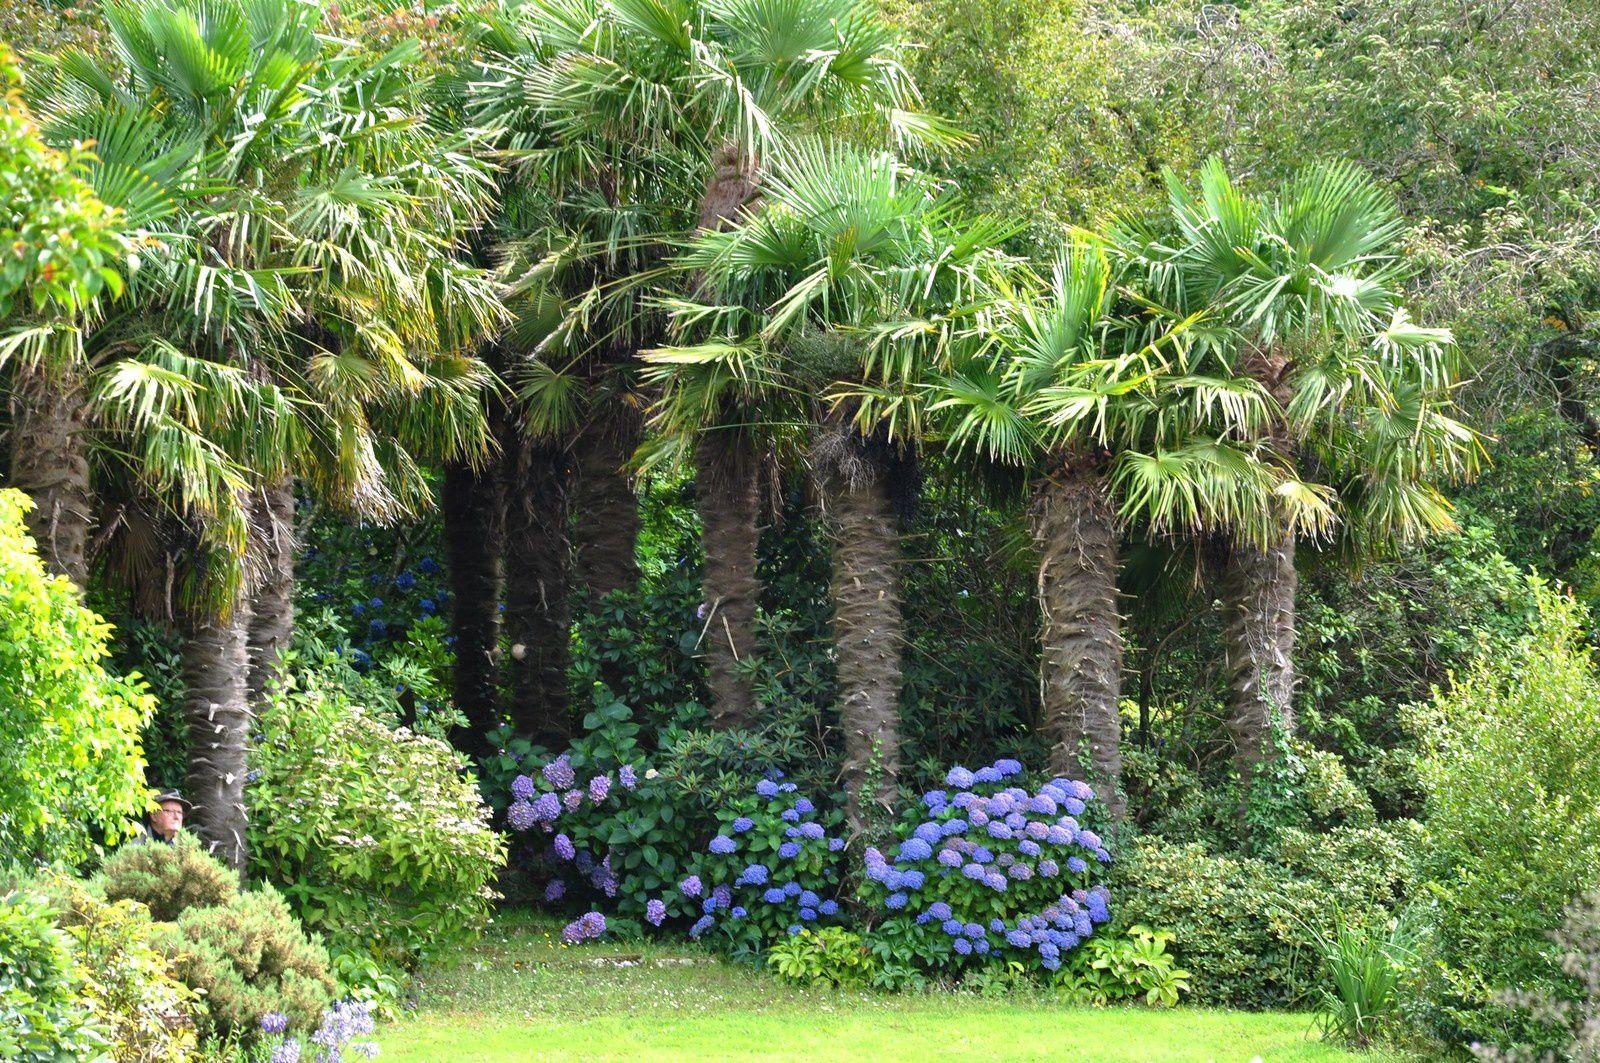 Le jardin d'une botaniste passionnée et passionnante, le jardin de Marie-Thérèse